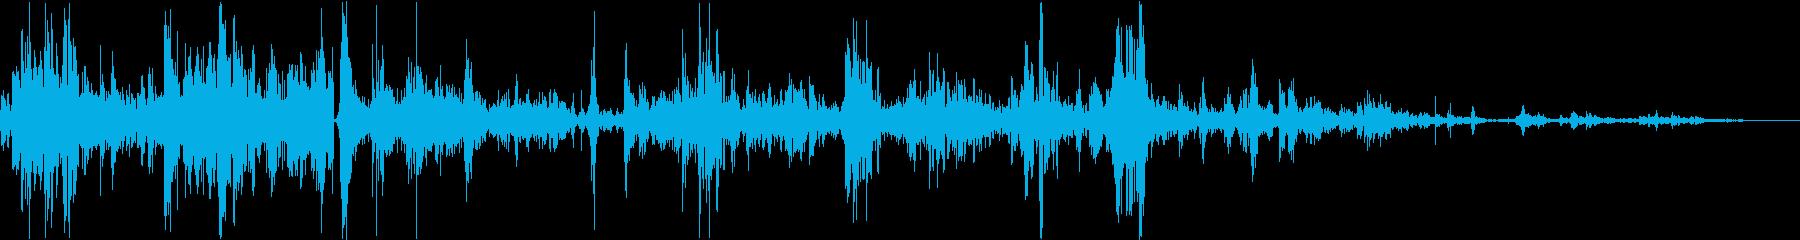 水面/バシャバシャ/ジャブジャブの再生済みの波形